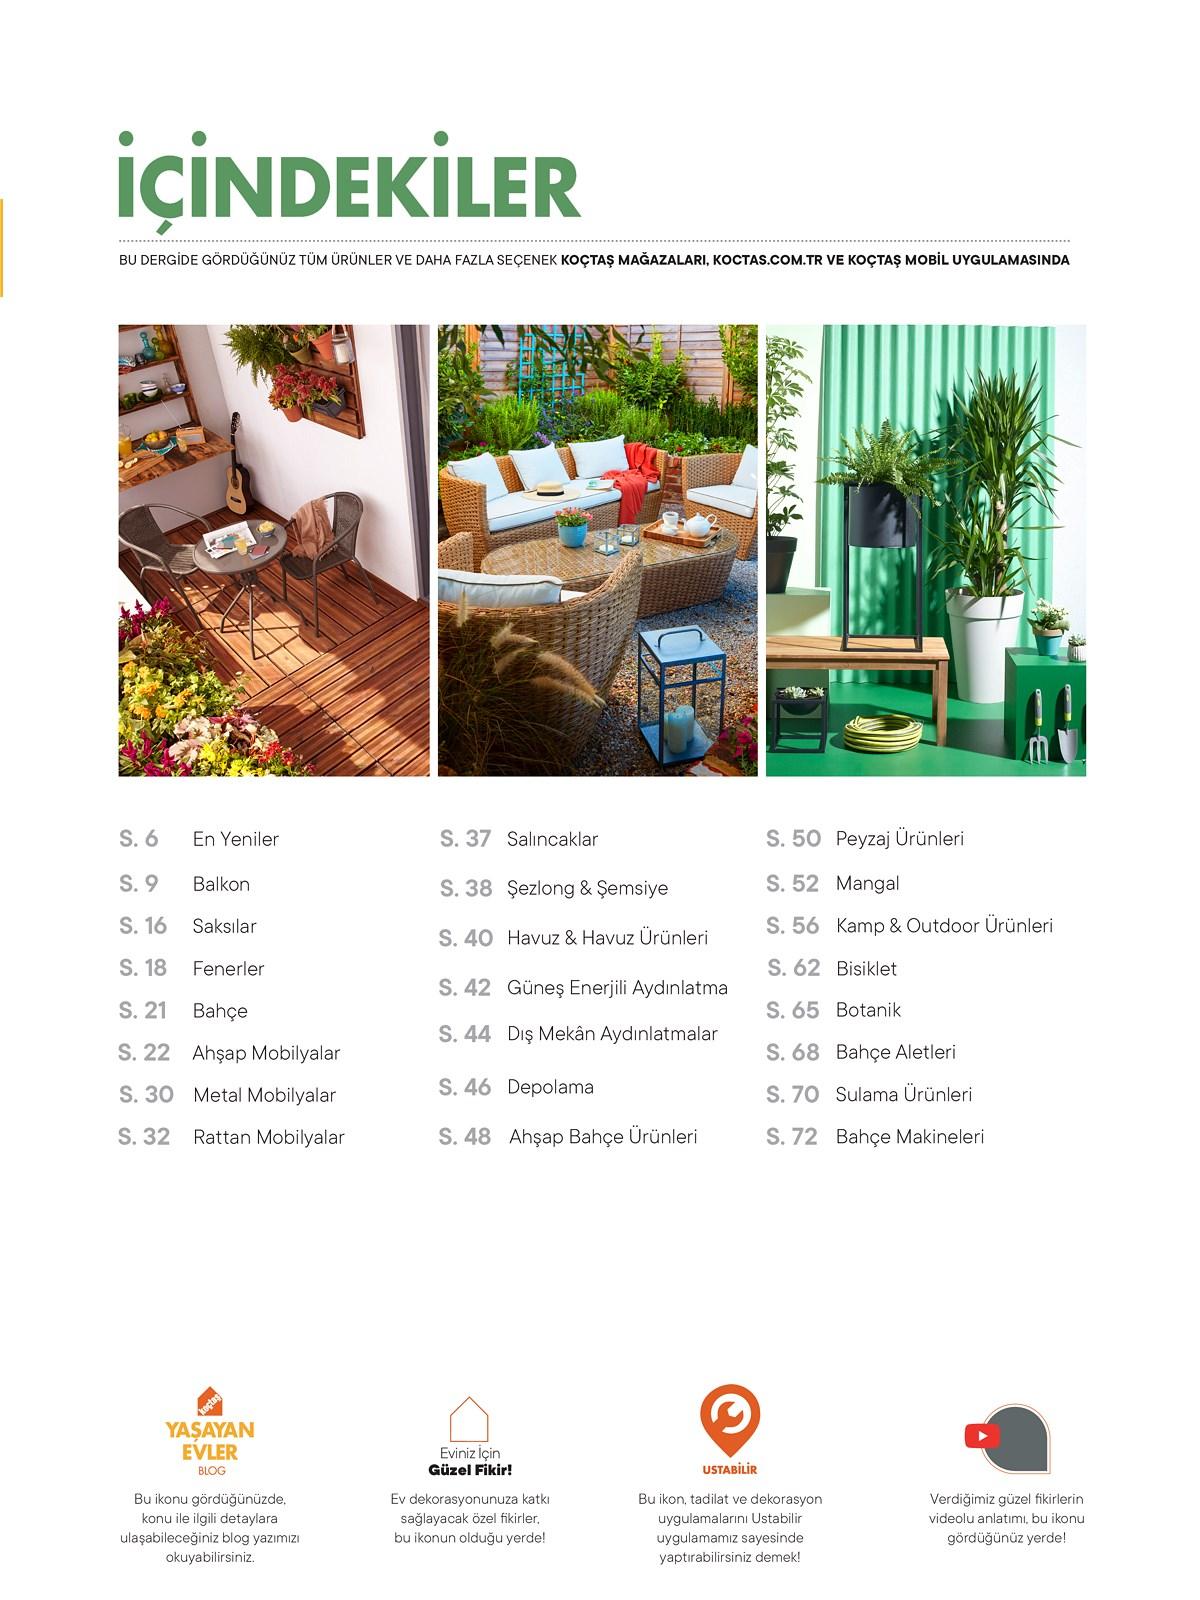 29.05.2021 Koçtaş broşürü 5. sayfa